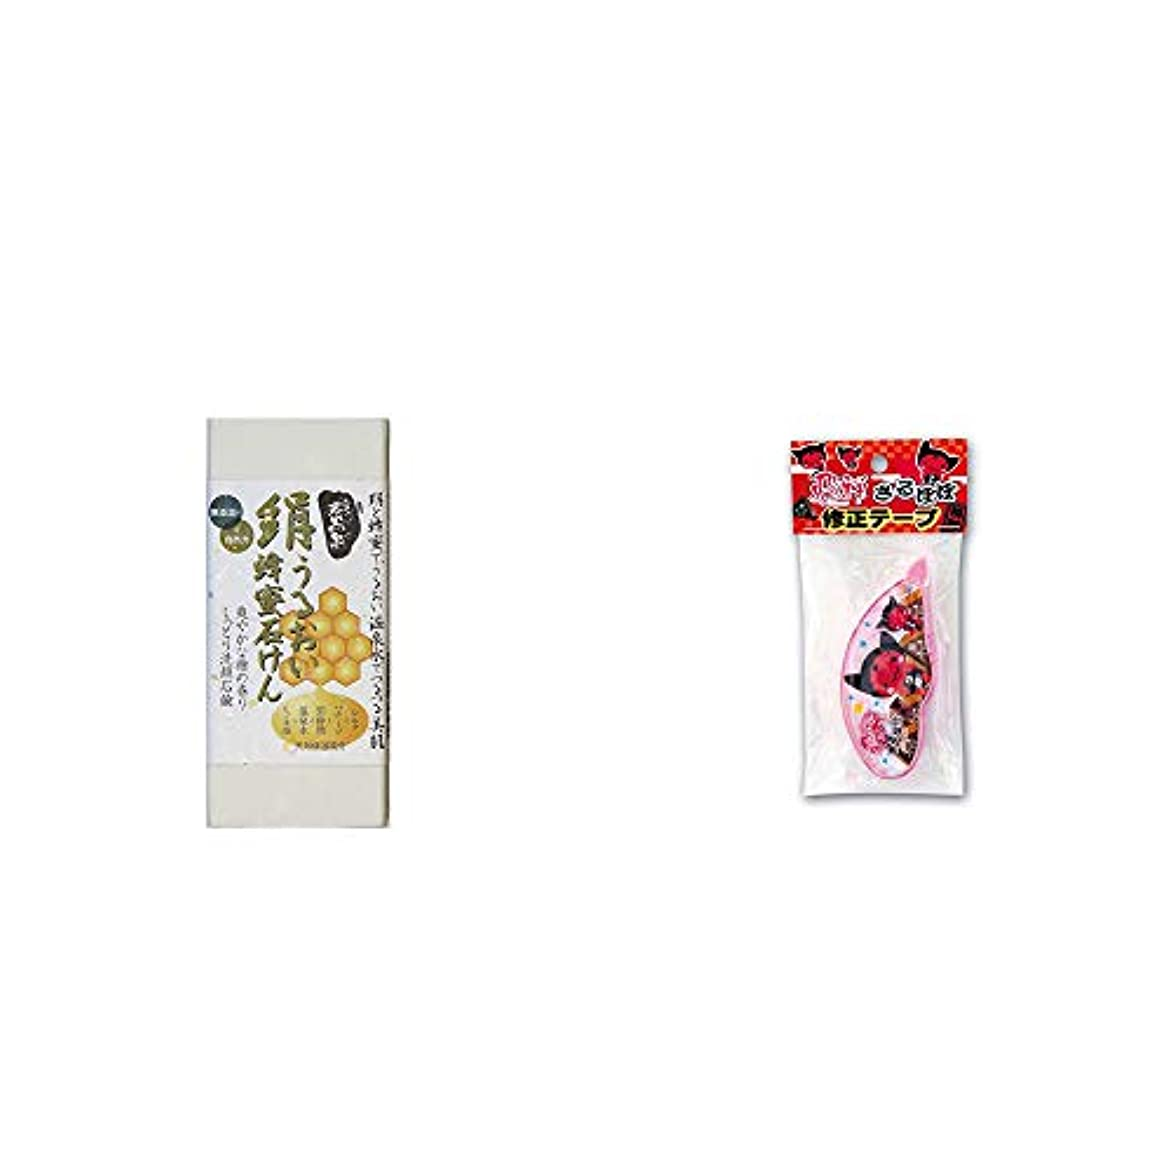 一般的な矛盾ペルー[2点セット] ひのき炭黒泉 絹うるおい蜂蜜石けん(75g×2)?さるぼぼ 修正テープ【ブルー】